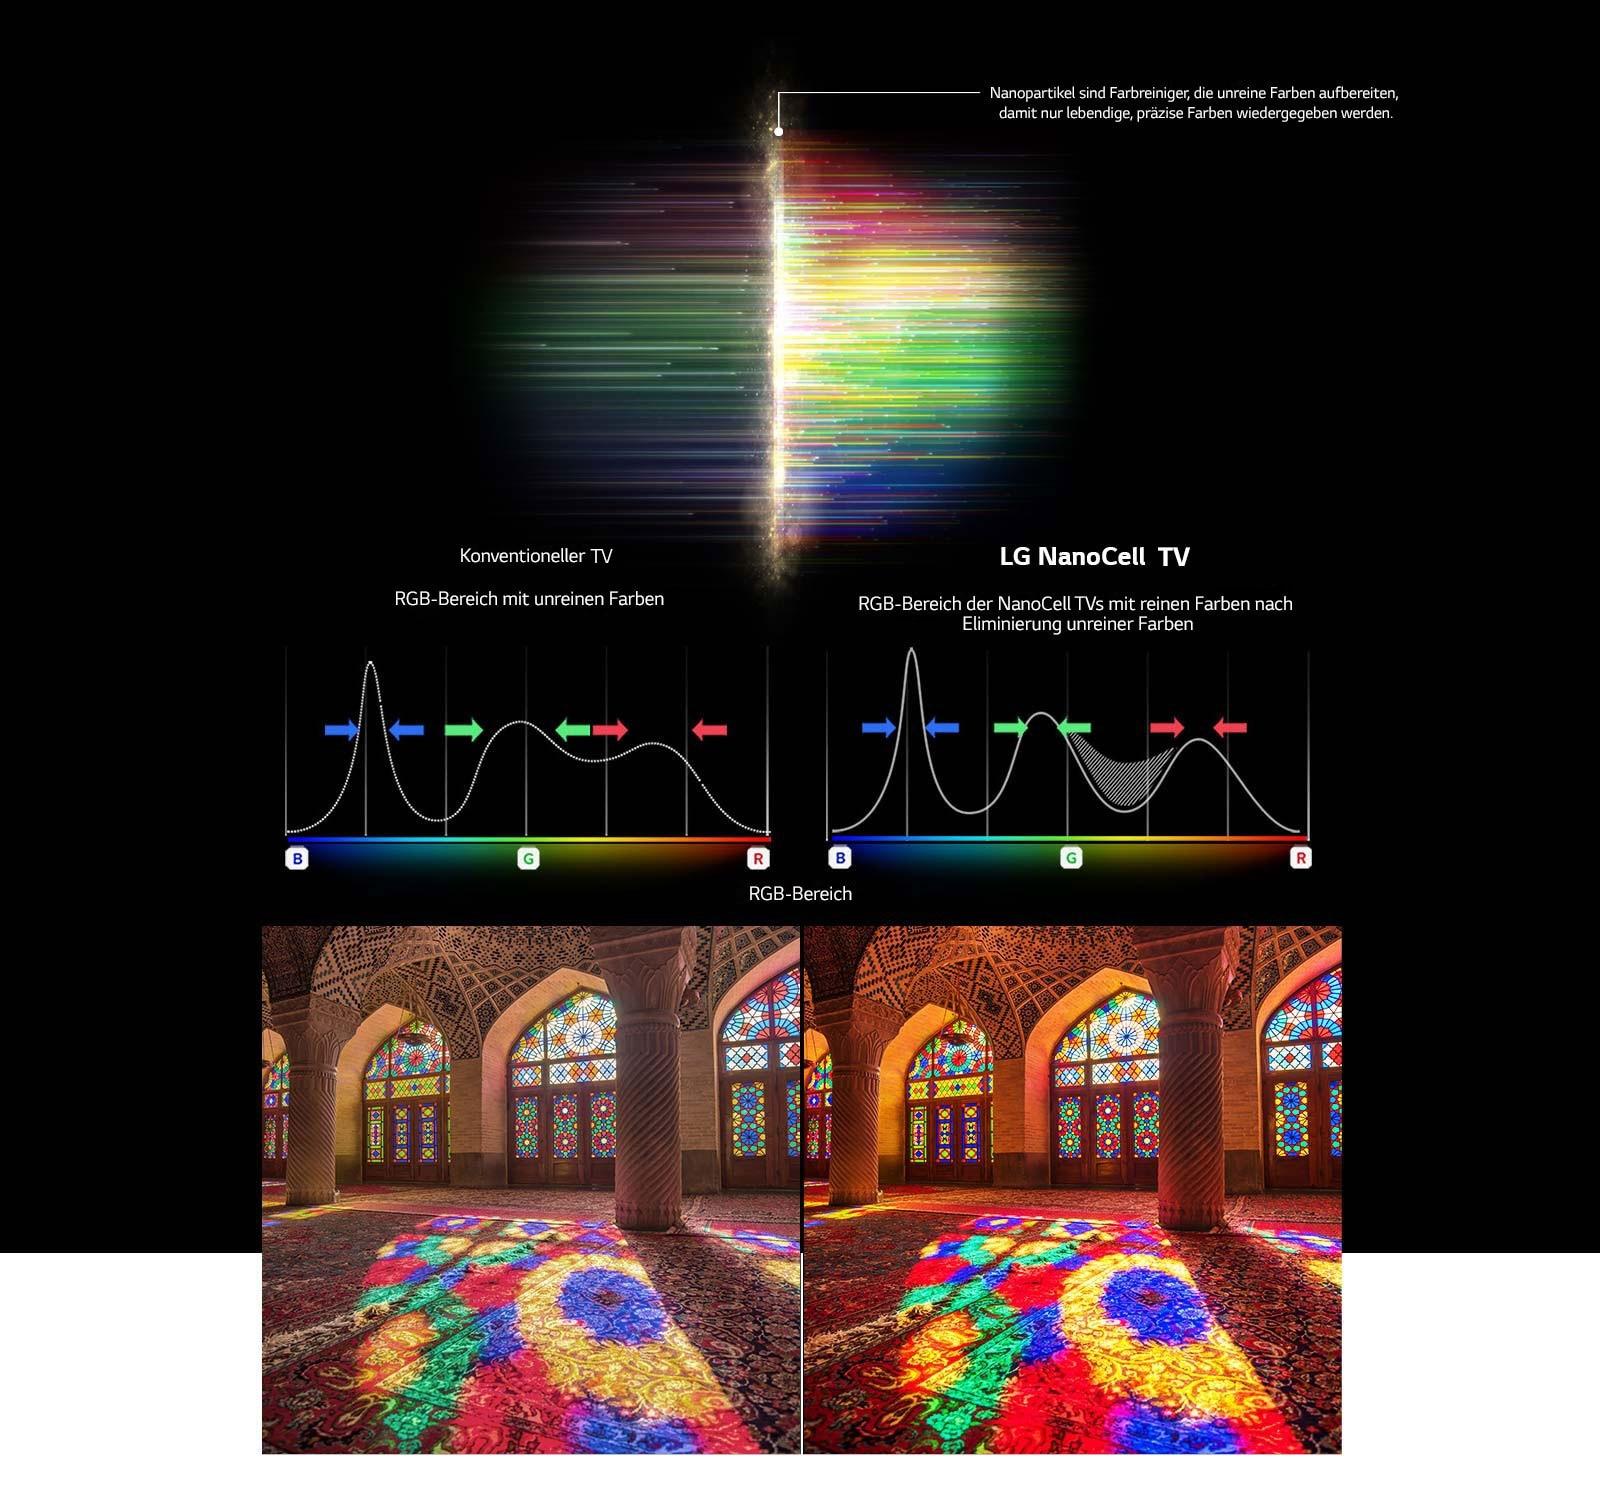 Diagramm eines RGB-Spektrums, das anzeigt, wie stumpfe Farben herausgefiltert werden. Auf dem Bild darunter sehen wir den Vergleich zwischen einer konventionellen Darstellung und einer Wiedergabe auf einem LG NanoCell Fernseher.